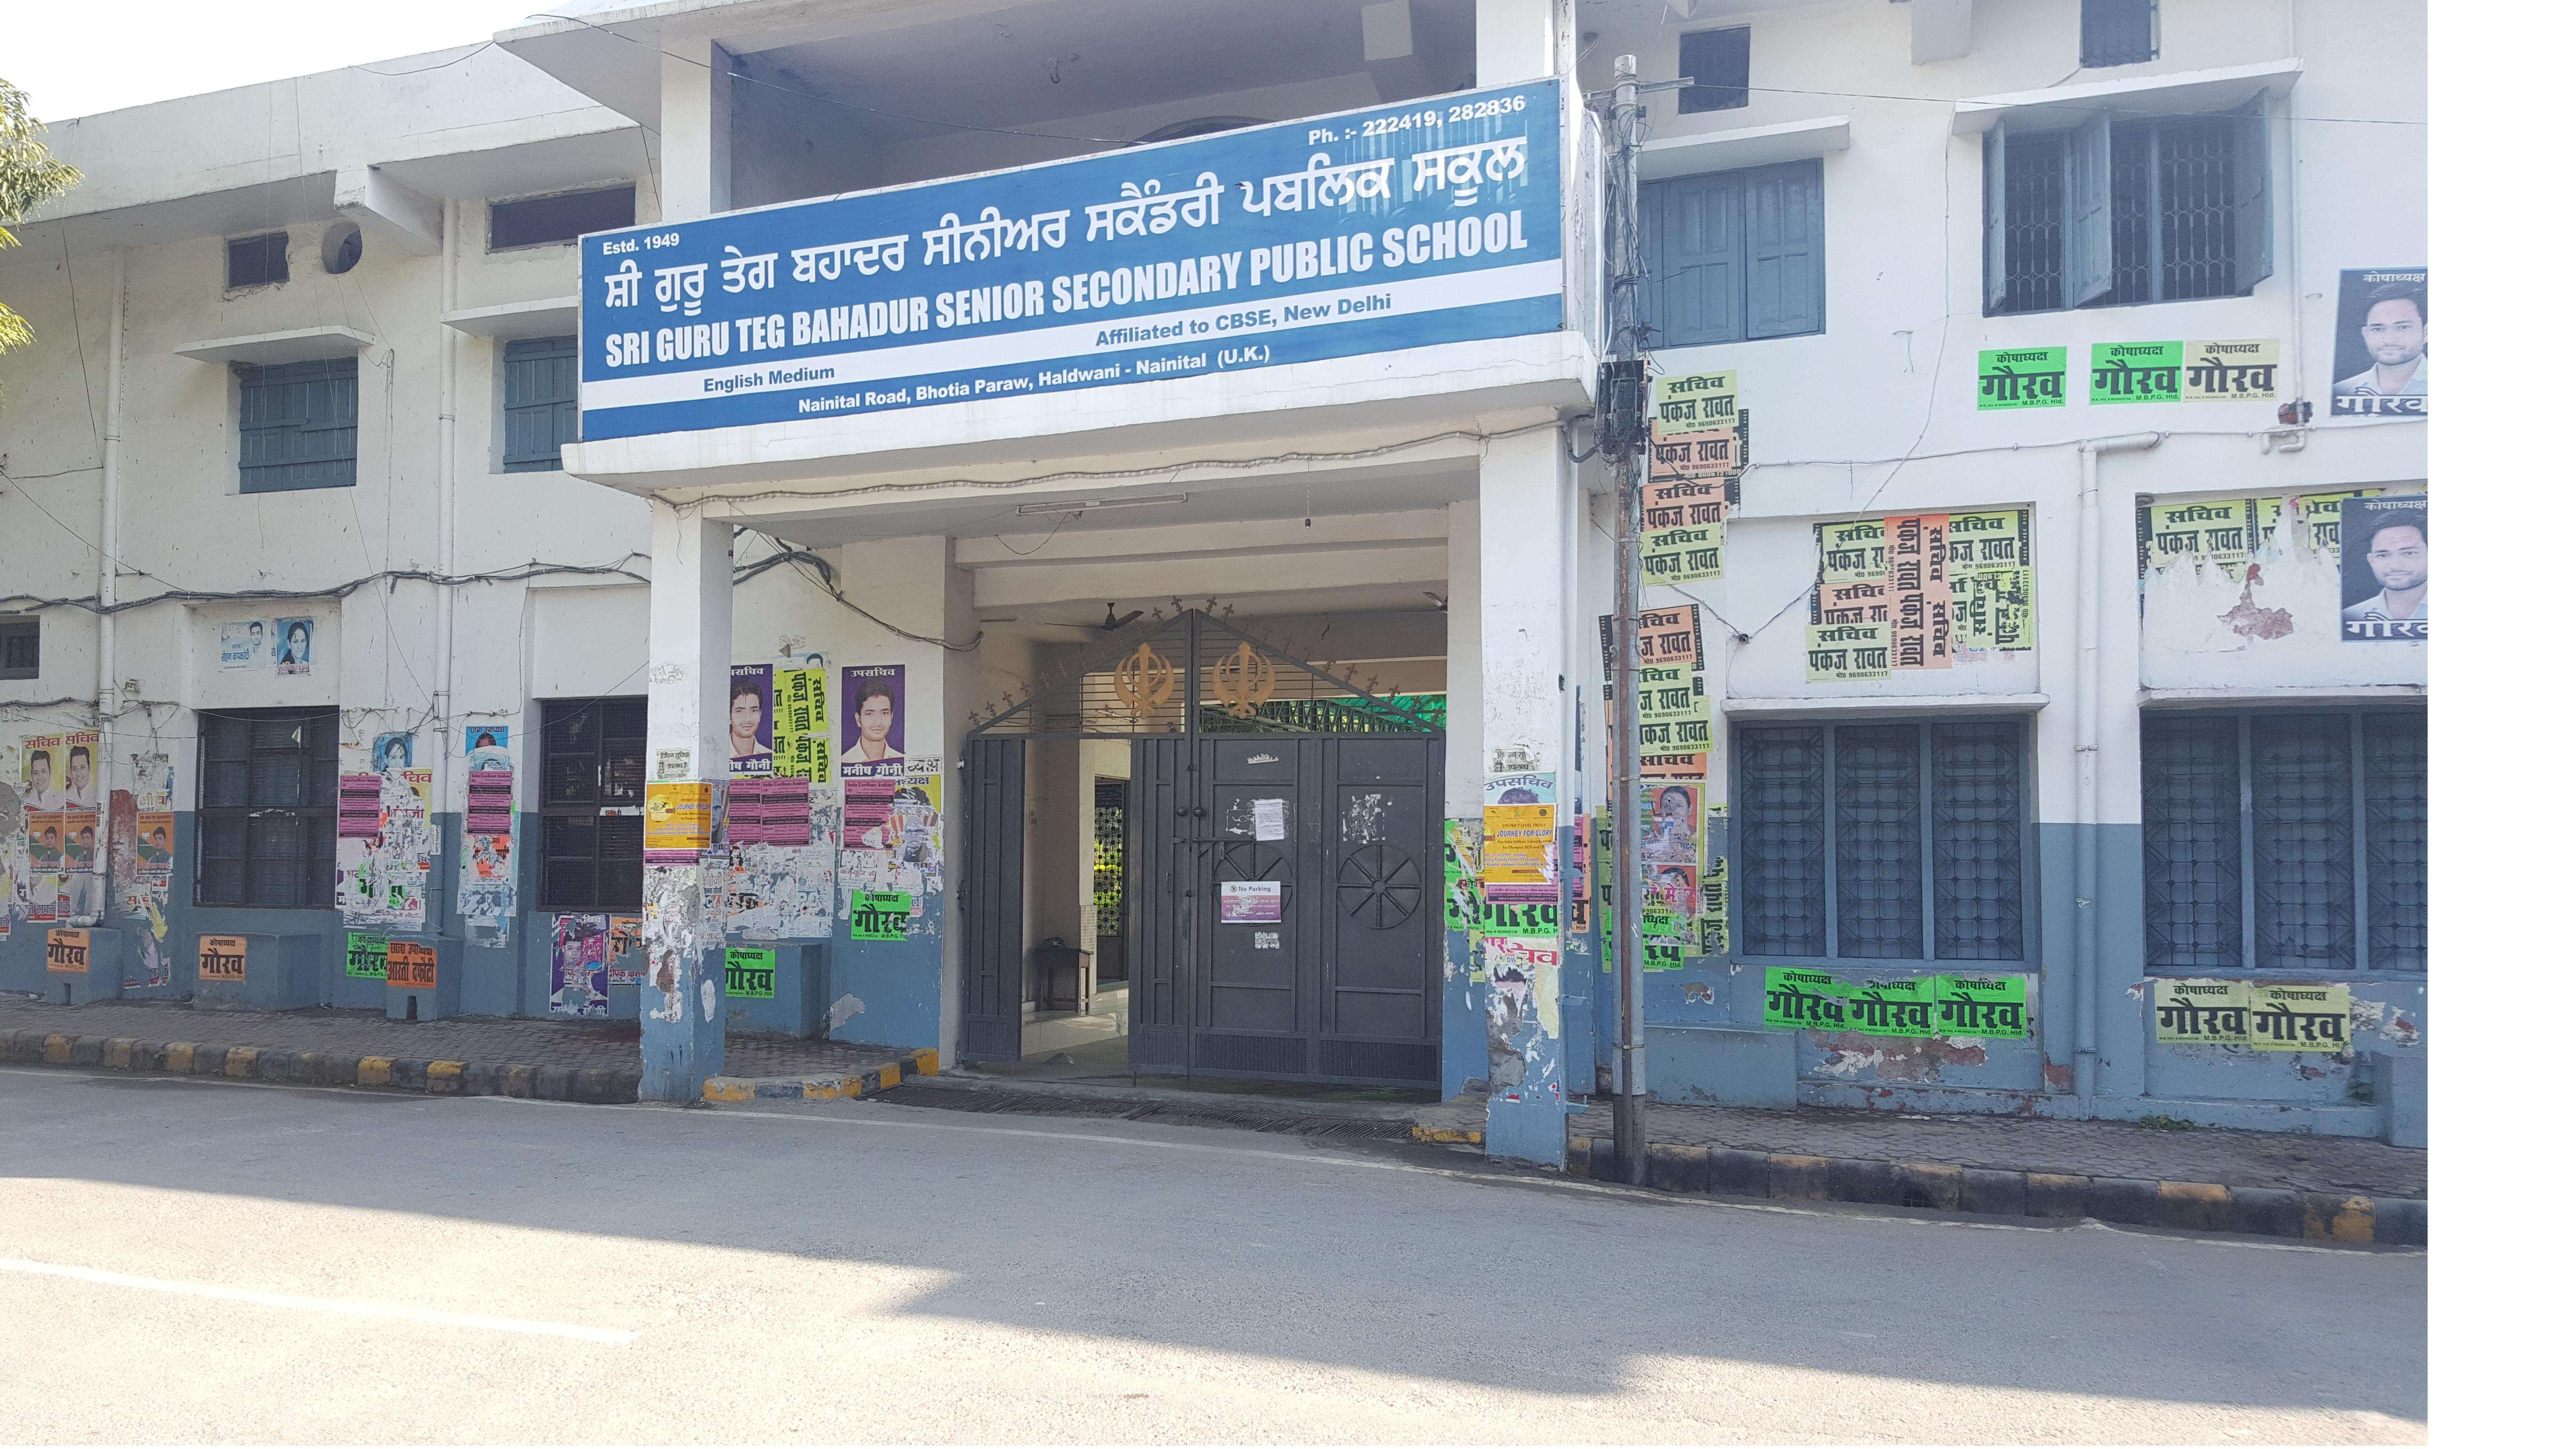 SRI GURU TEG BAHADUR PUBLIC SCHOOL CIVIL LINES HALDWANI DISTT NAINITAL UTTARANCHAL 3530032